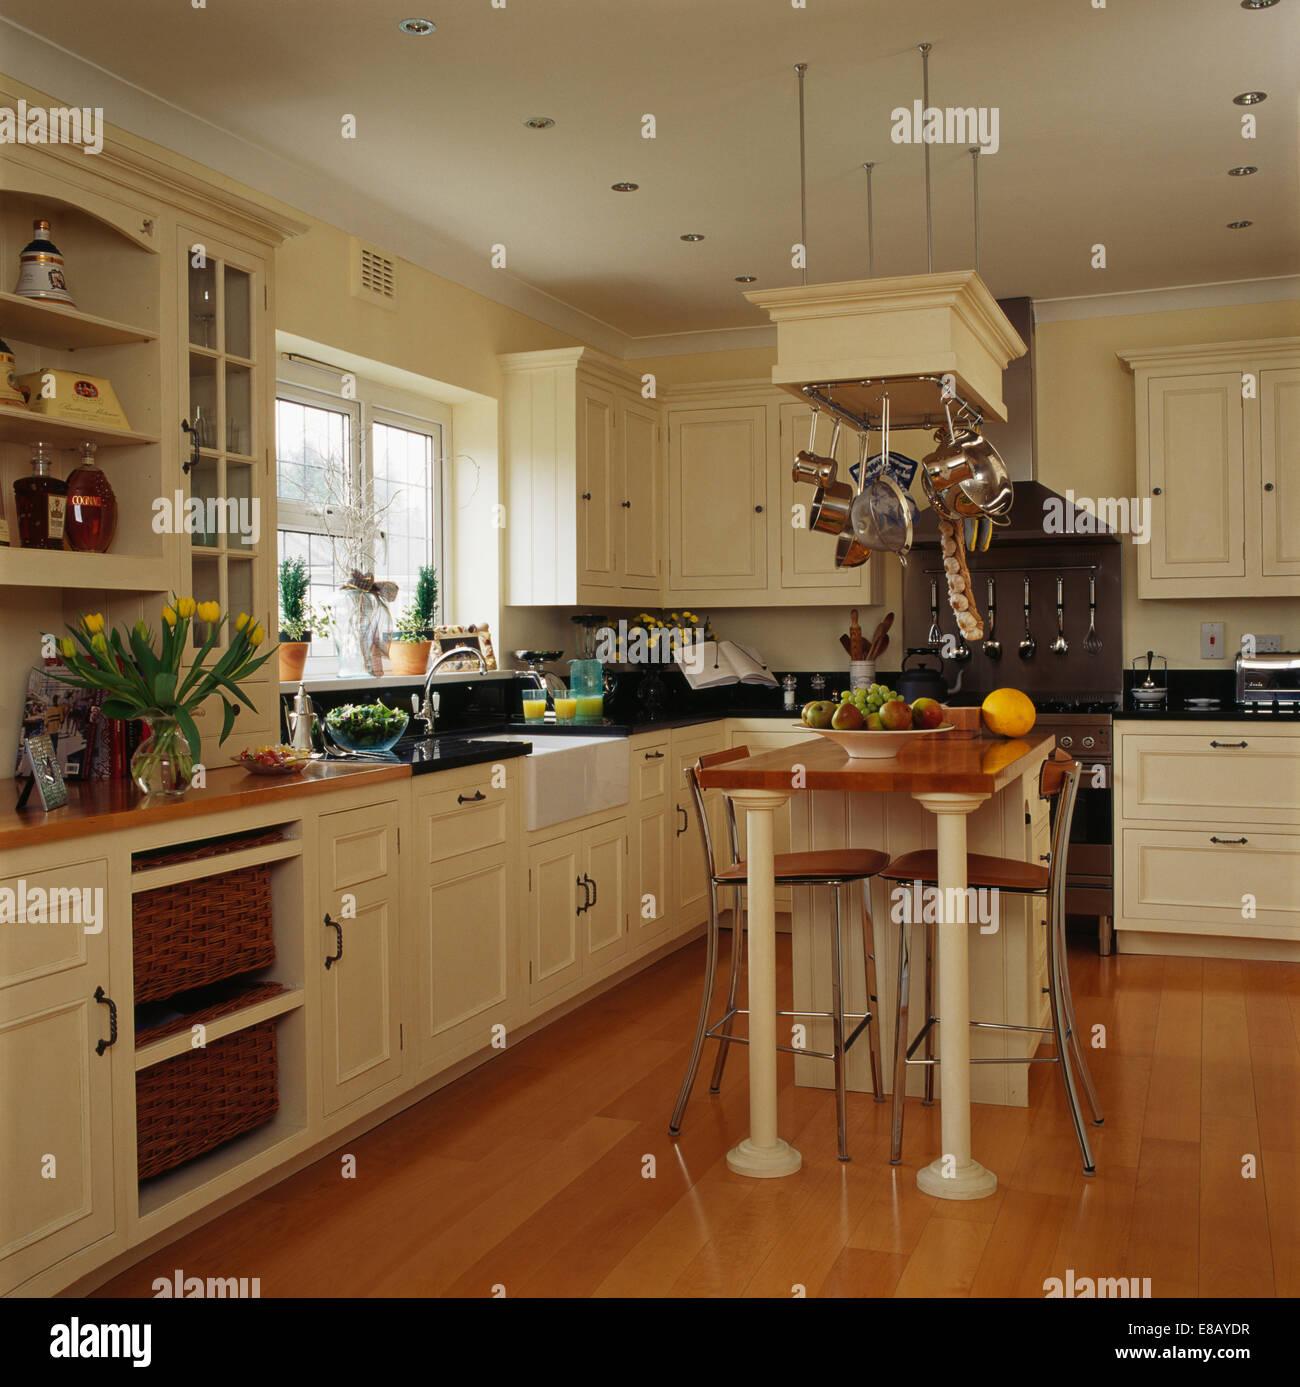 hocker unter fr hst cks bar auf der kleinen insel einheit im landhaus k che mit holzboden und. Black Bedroom Furniture Sets. Home Design Ideas